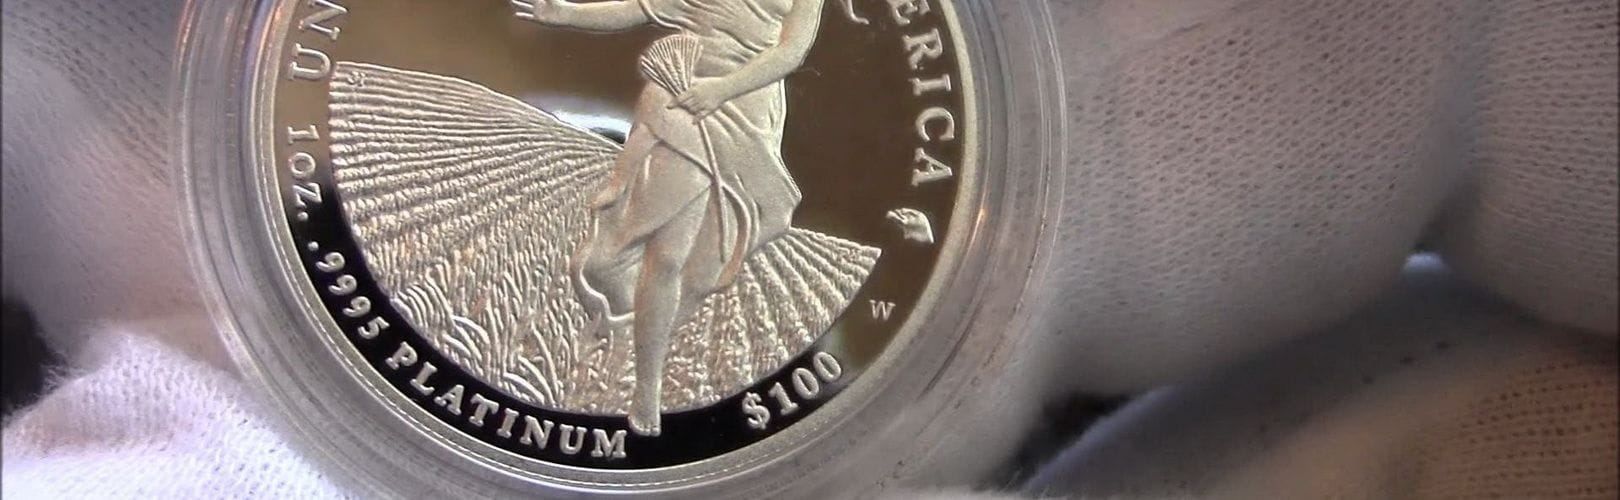 Платина: характеристики металла, свойства, основные месторождения